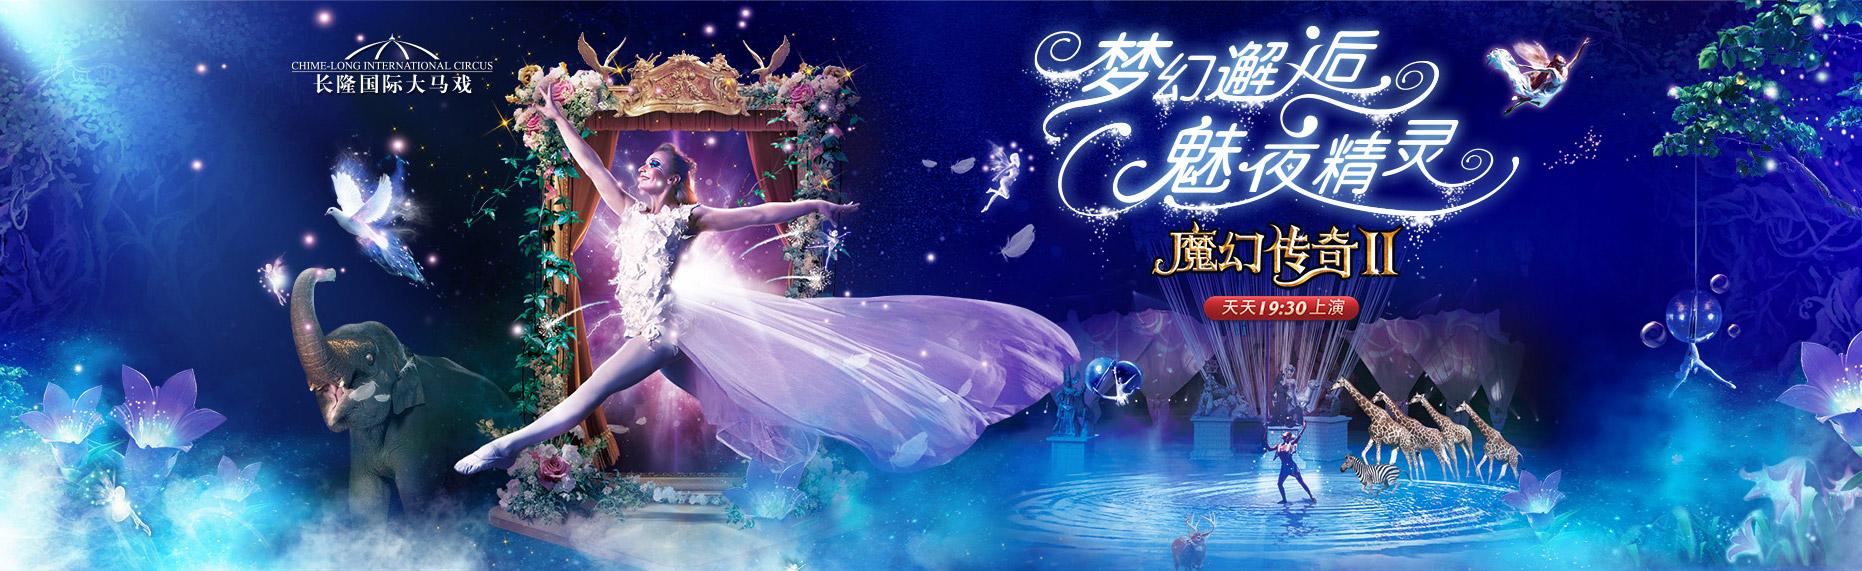 廣州長隆國際馬戲大劇院魔幻傳奇II